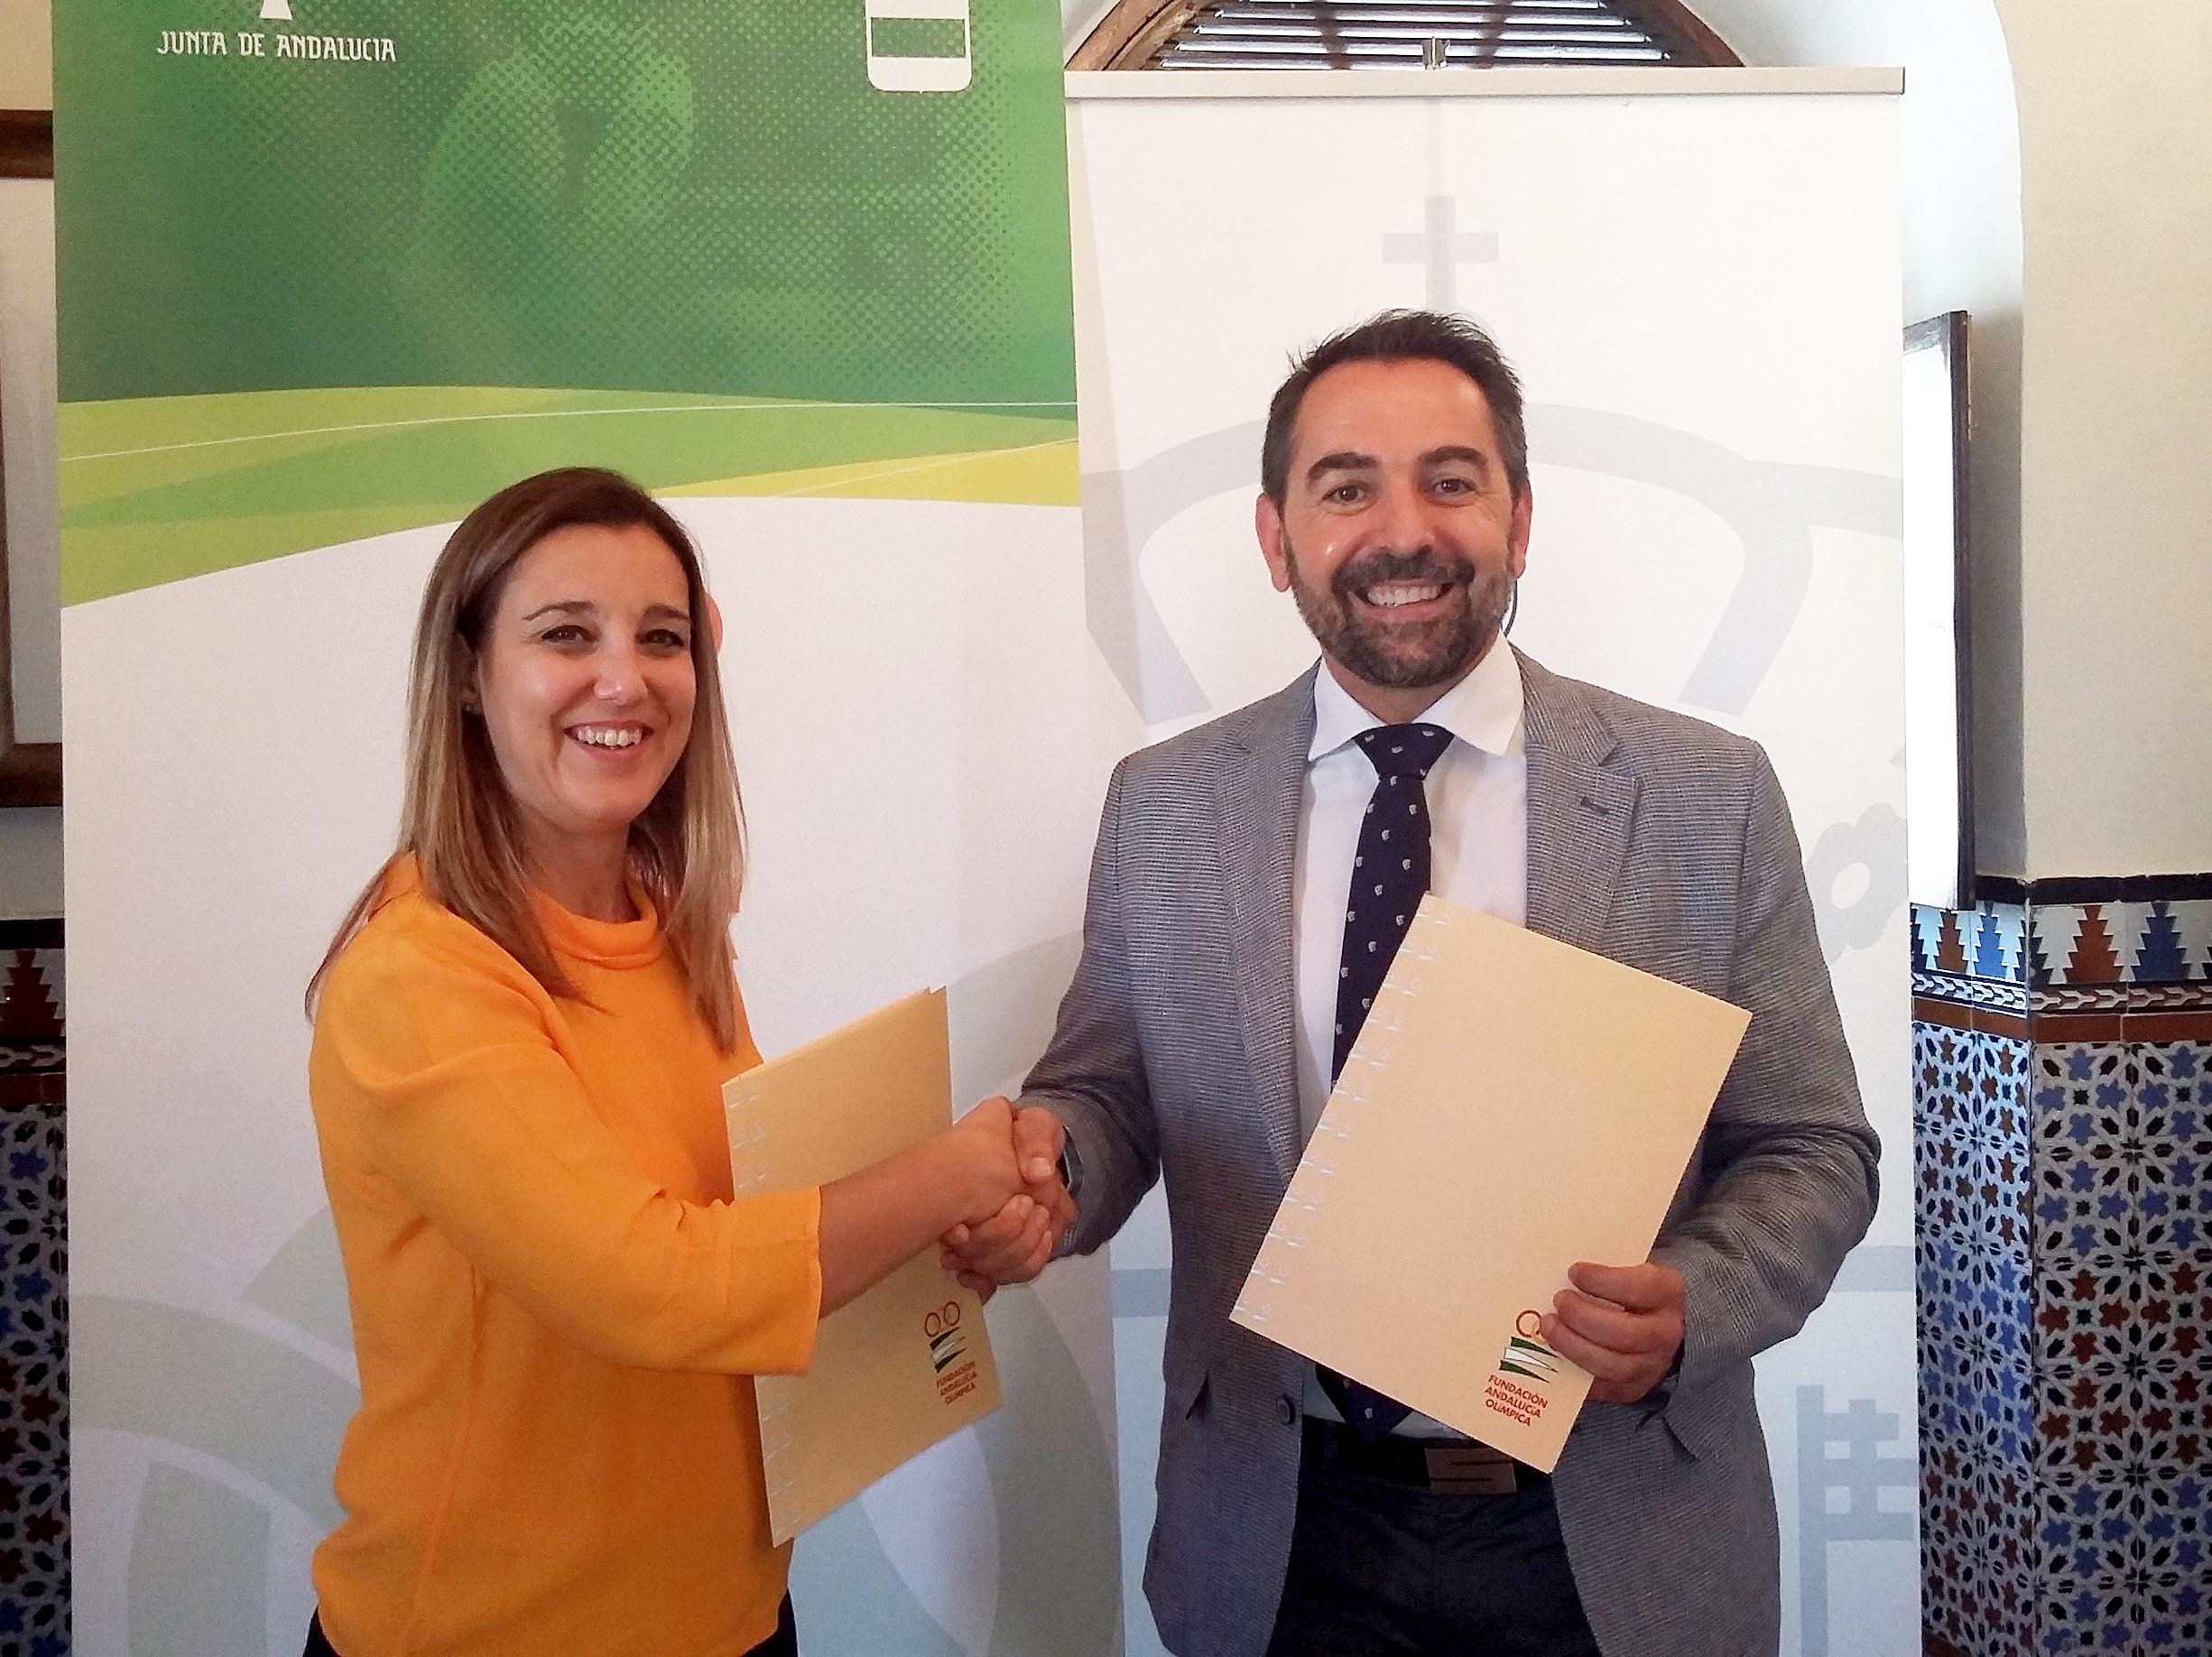 La Fundación y el Ayuntamiento de Alcalá de Guadaíra renuevan su convenio de colaboración